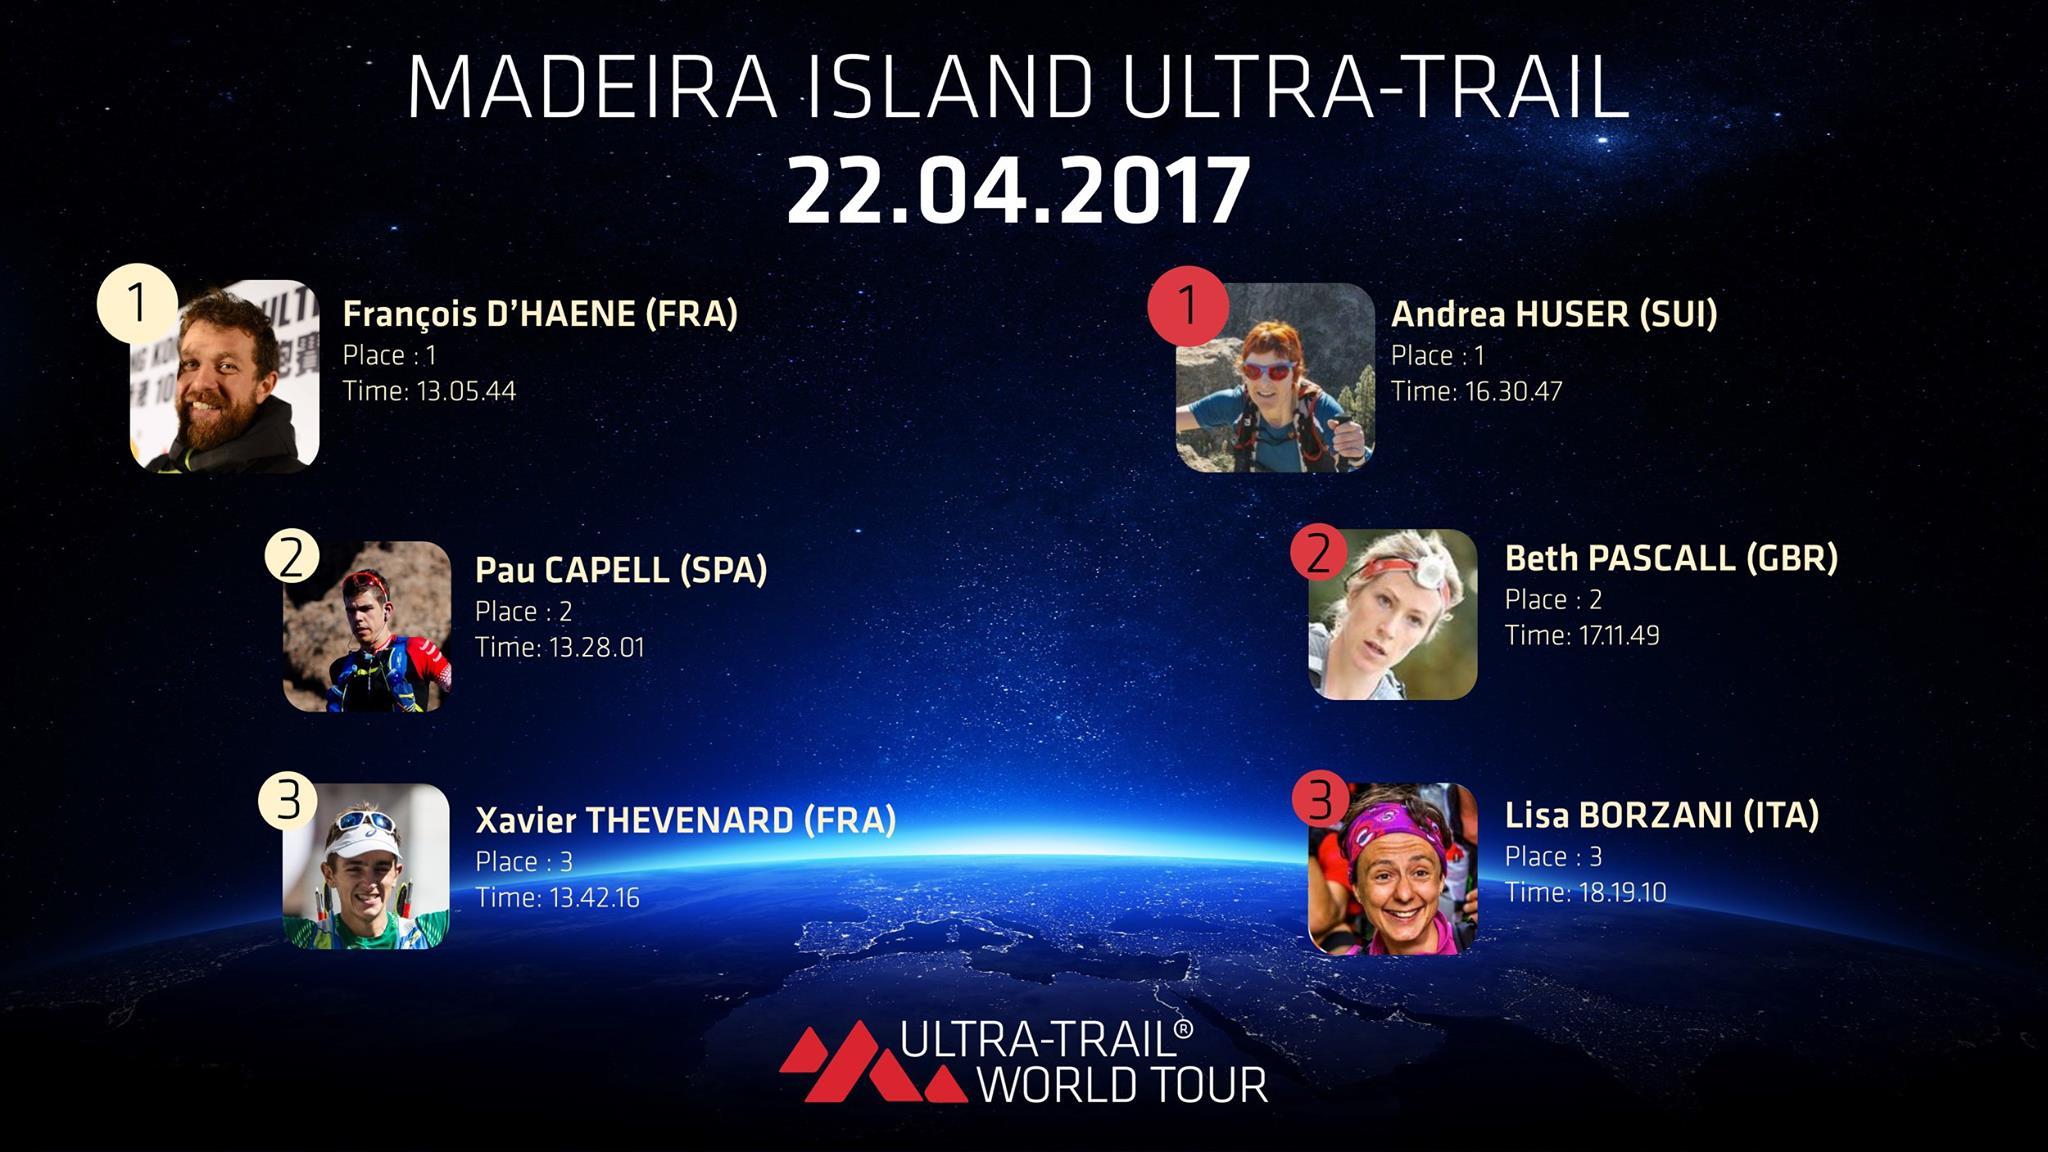 18056160 772118456289302 5861532526979604107 o - MIUT et Penyagolosa Trails 2017, deux courses de l'Ultra-Trail® World Tour passionnantes !